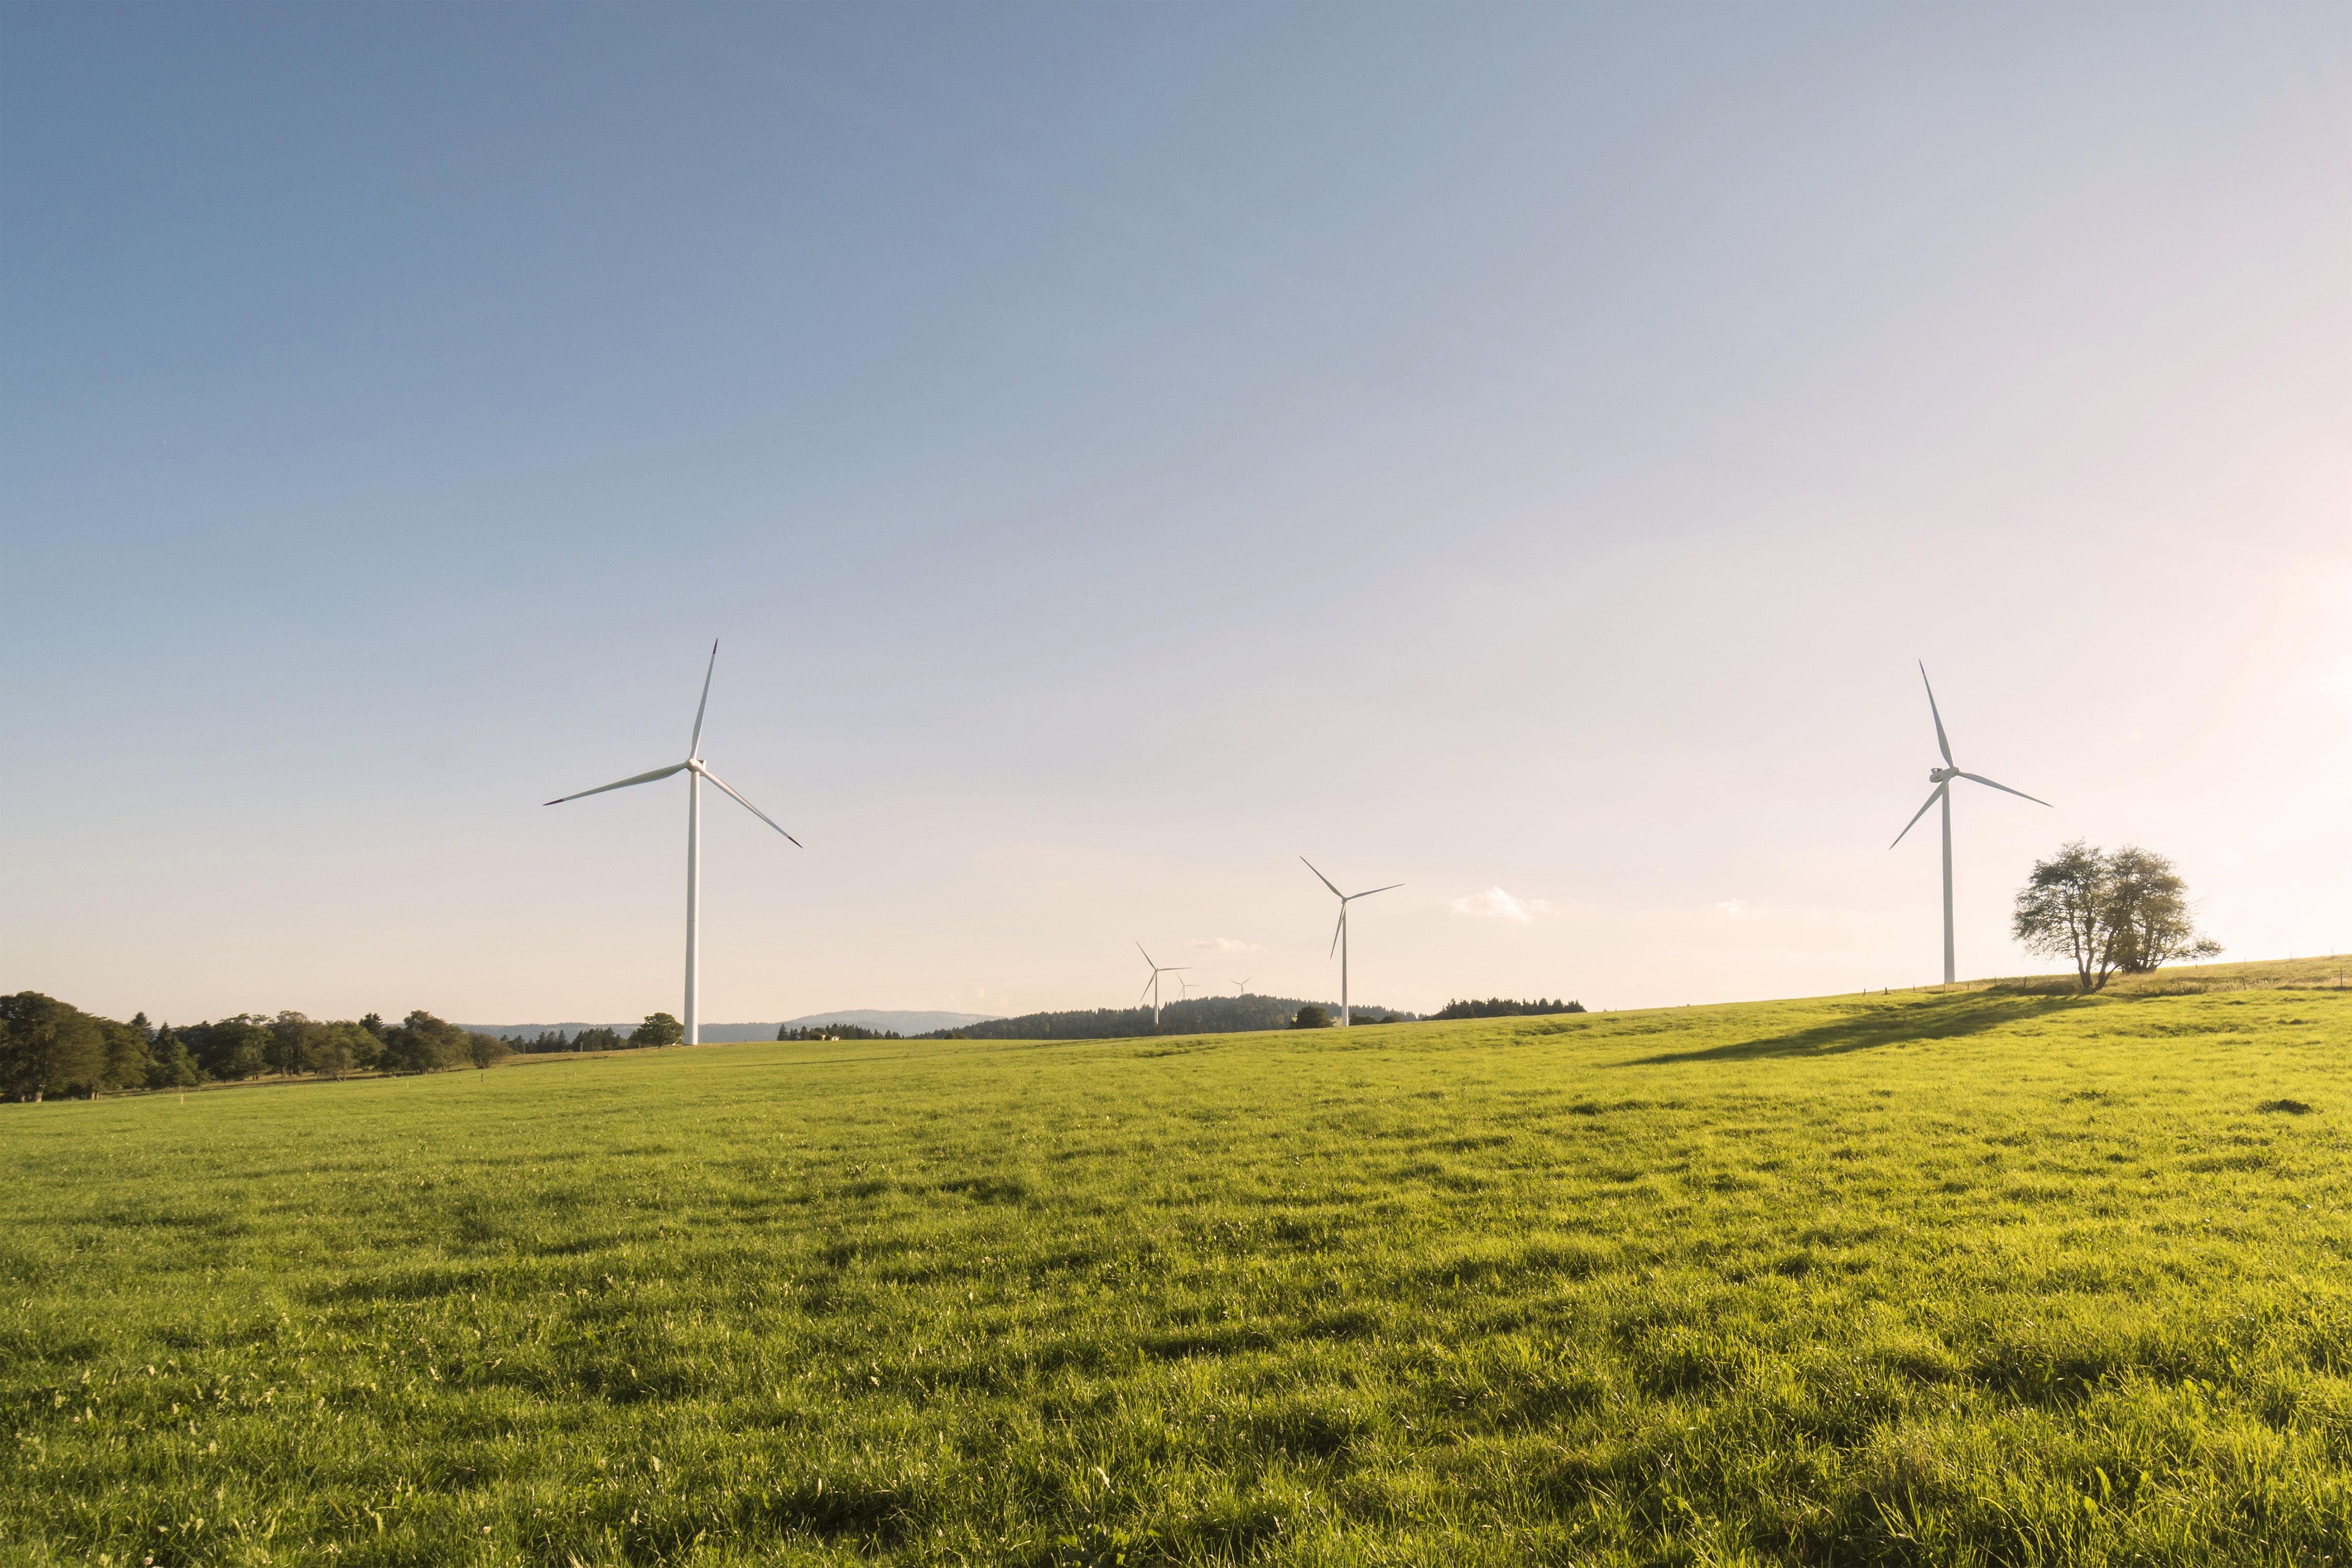 Windkraftwerk Generatoren auf einer grünen Wiese mit blauem Himmel bei Abendsonne